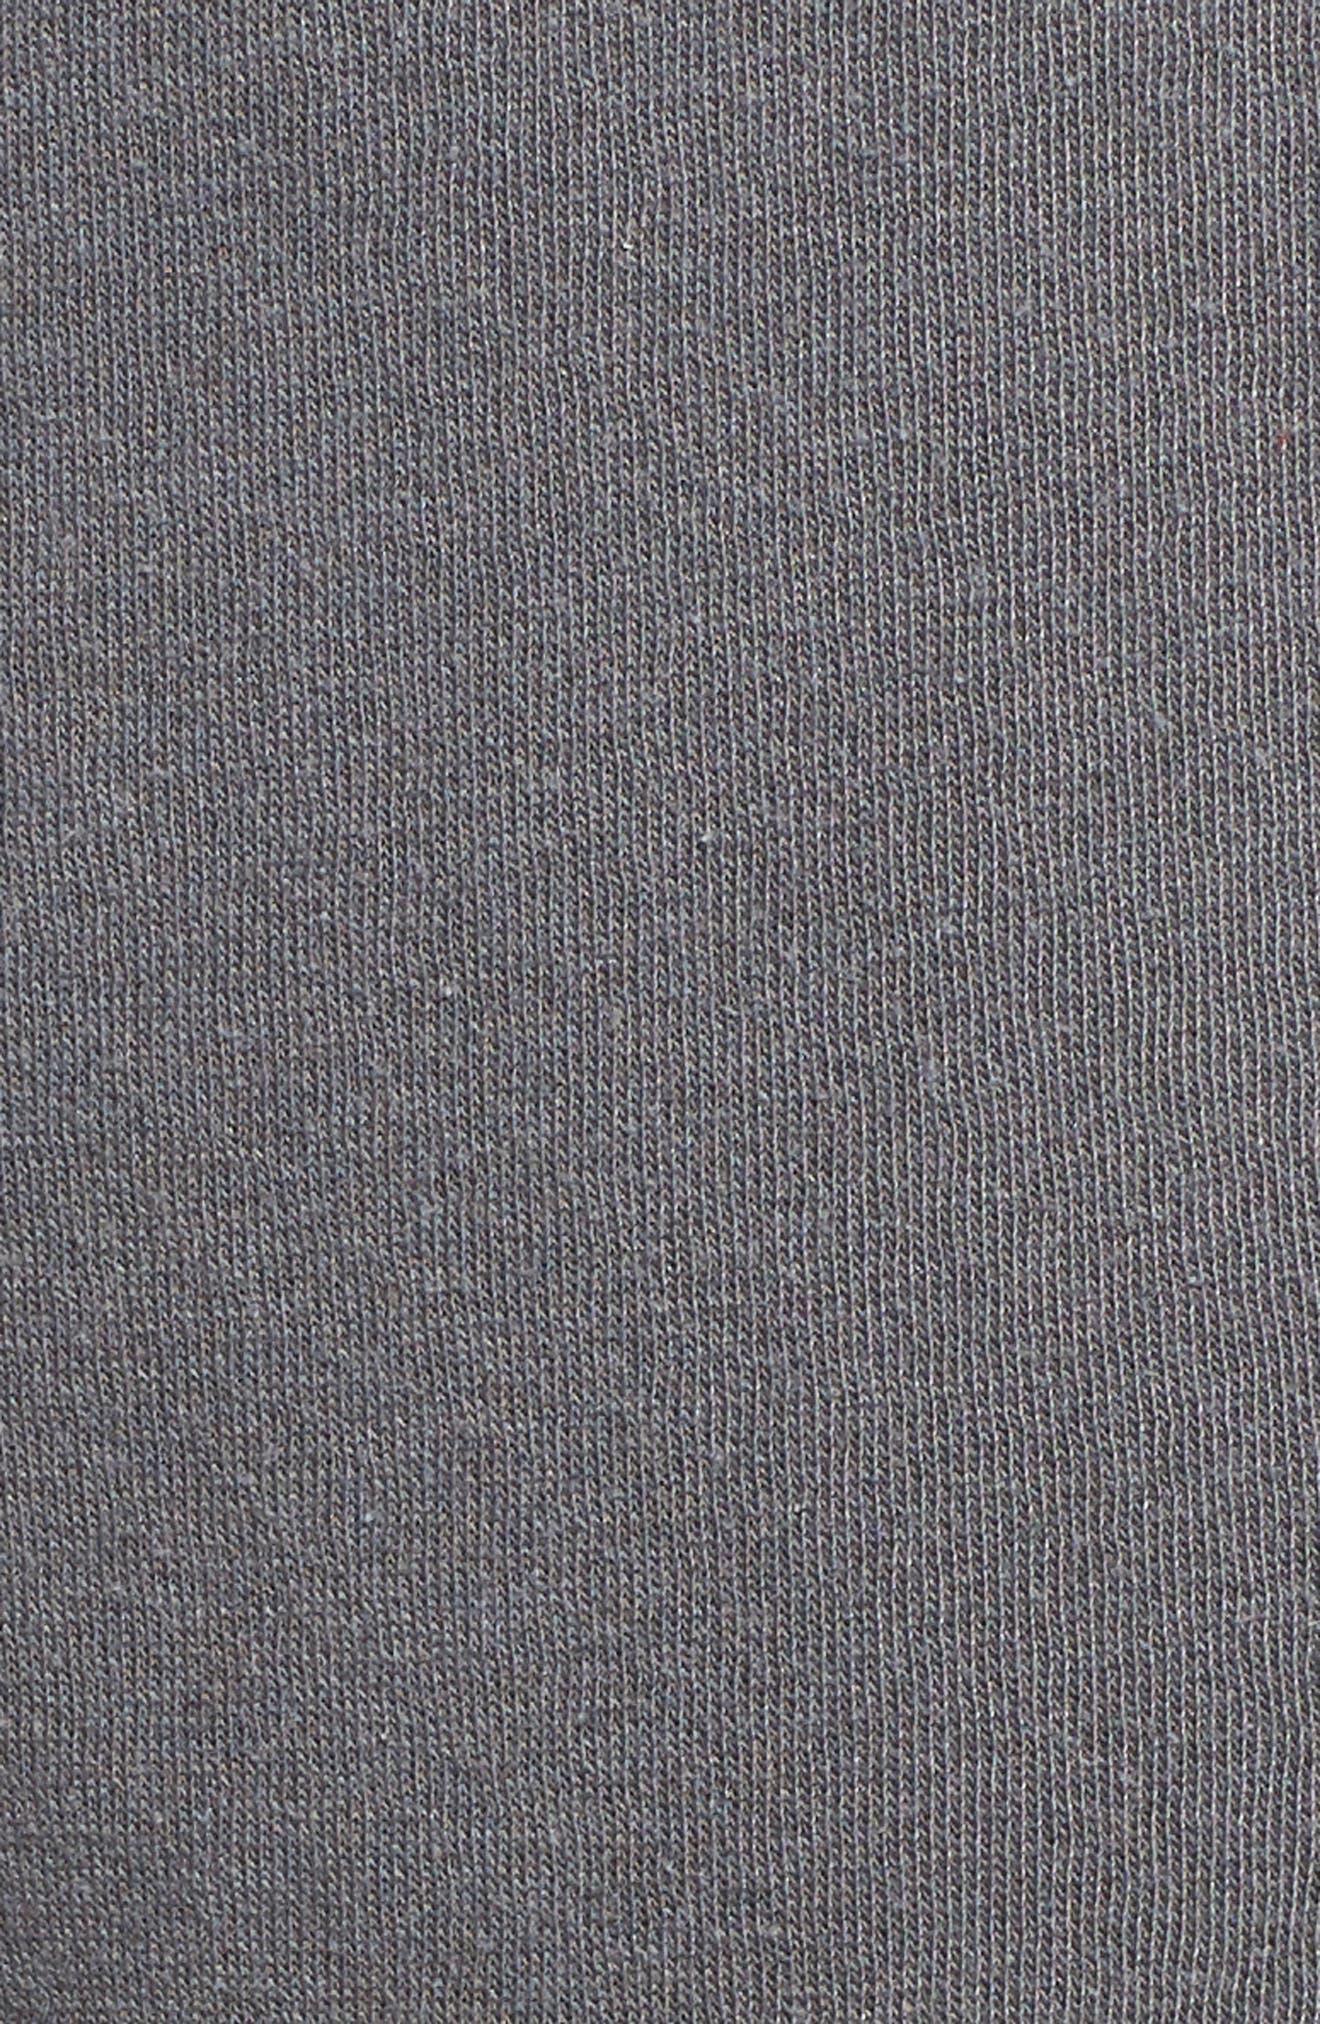 Cambridge Crop Sweatpants,                             Alternate thumbnail 6, color,                             THUNDERSTORM